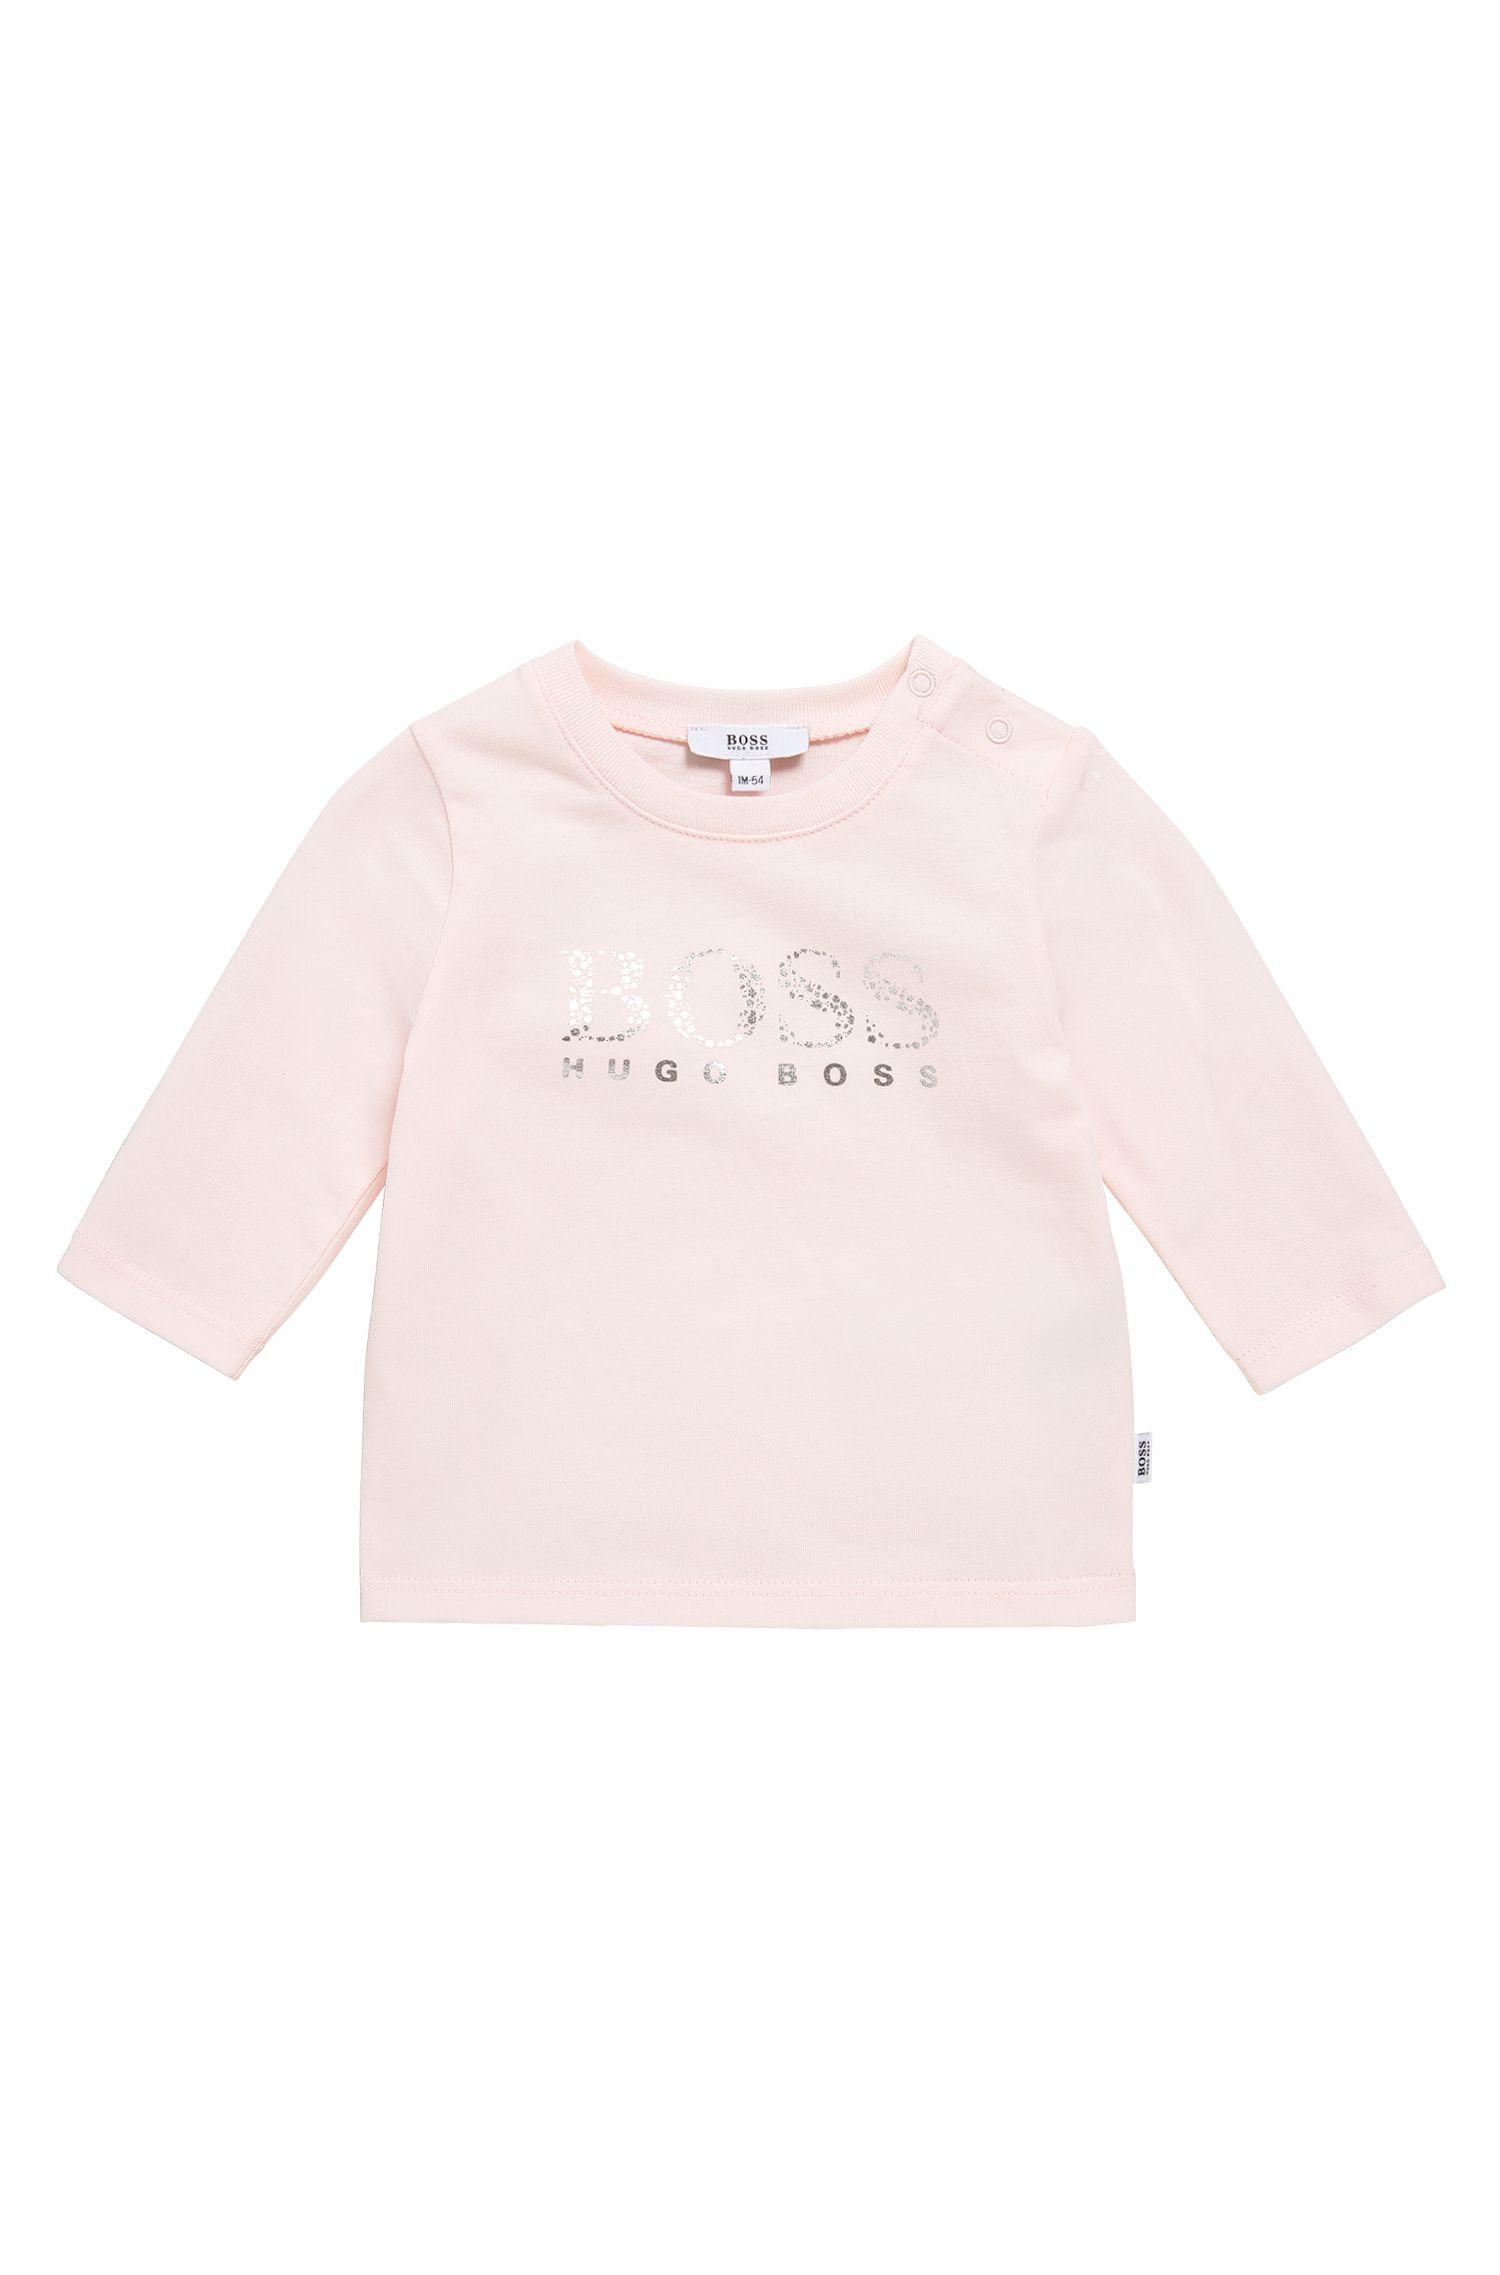 T-shirt à manches longues pour bébé en coton extensible, avec impression métallisée: «J95203»